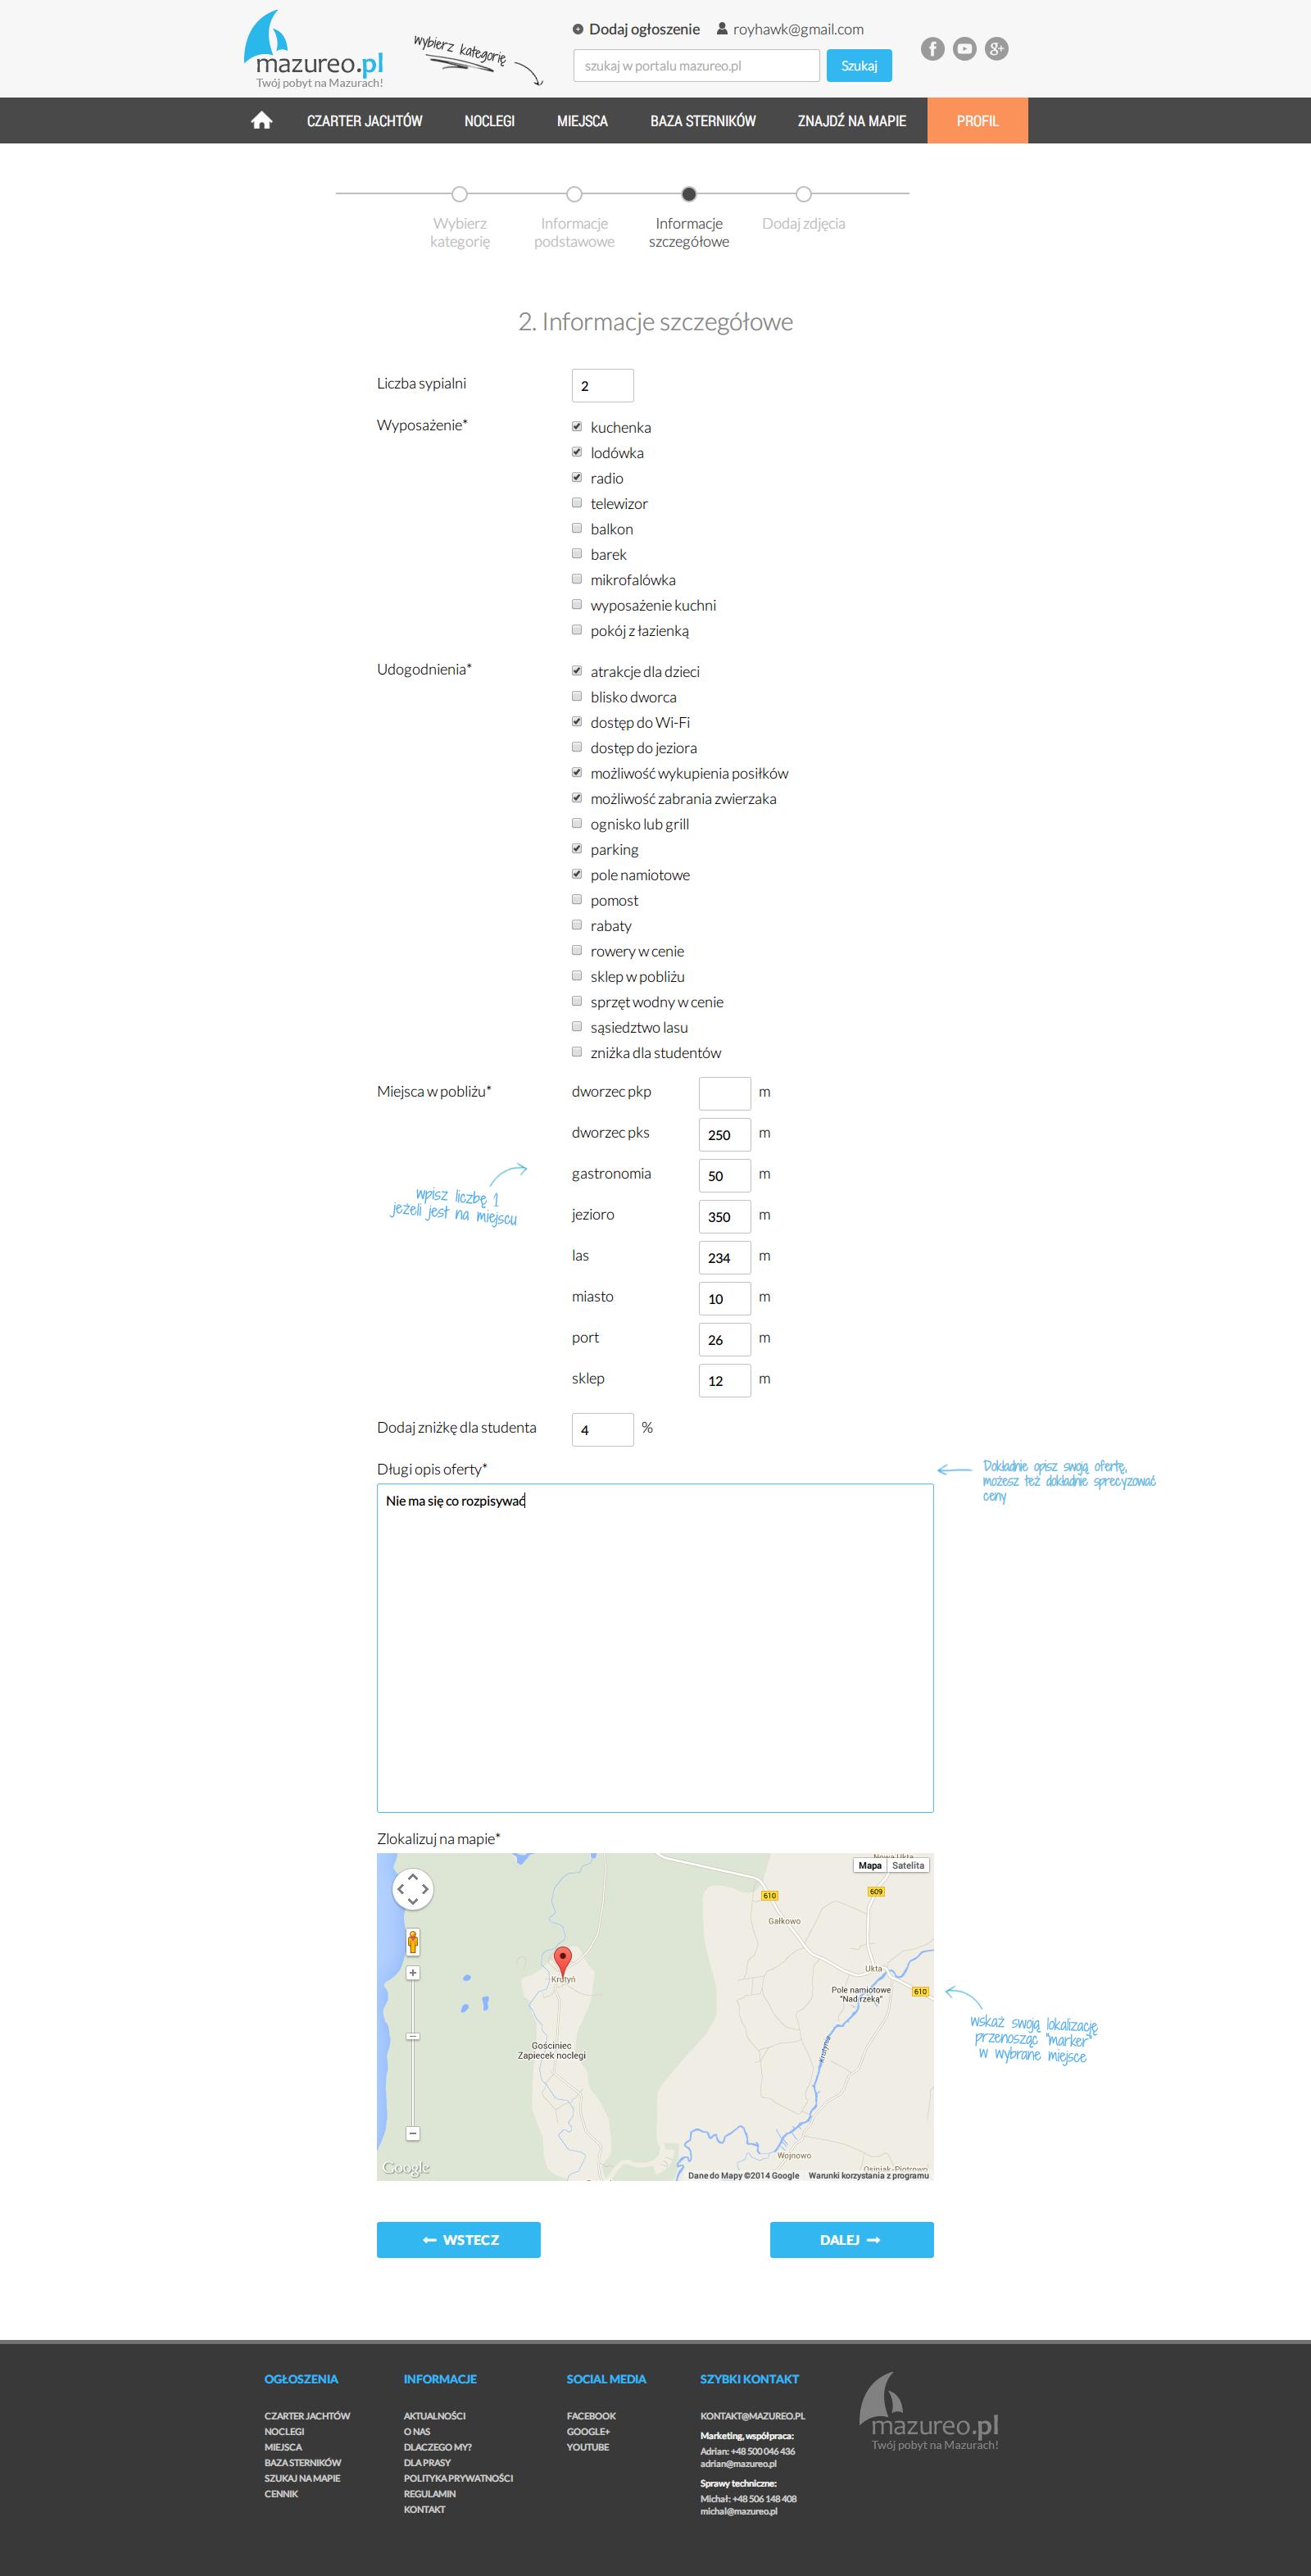 screenshot-mazureo.pl 2014-07-08 09-10-54